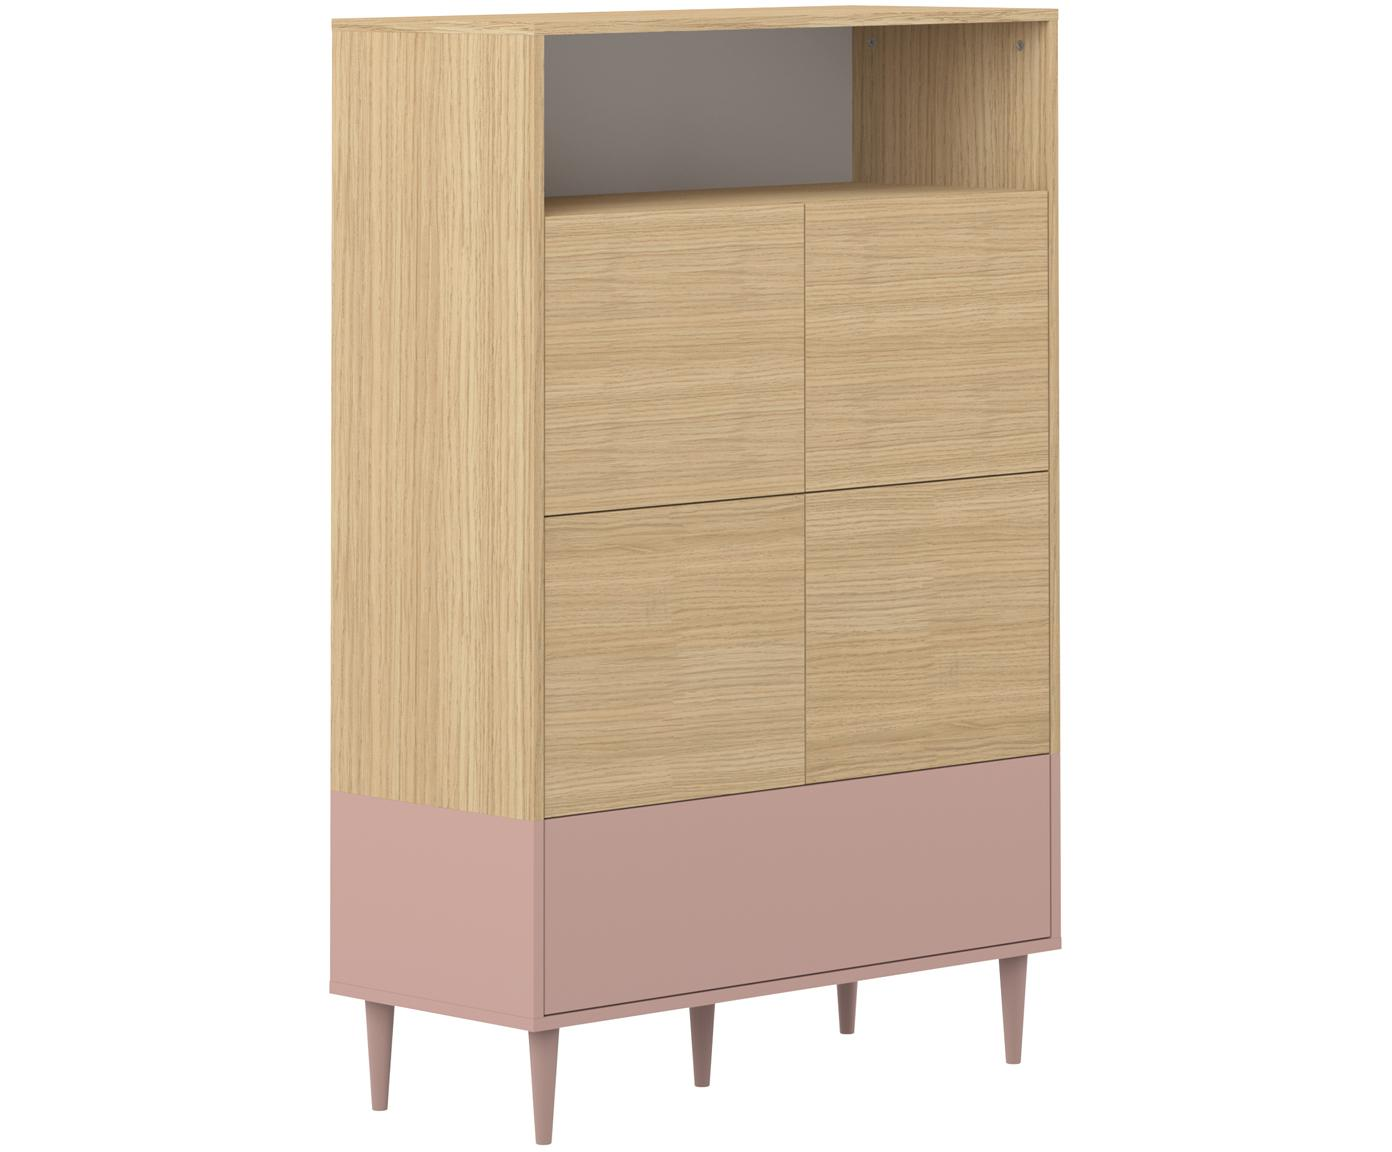 Credenza alta scandi Horizon, Piedini: legno di faggio, massicci, Legno di quercia, rosa cipria, Larg. 90 x Alt. 141 cm